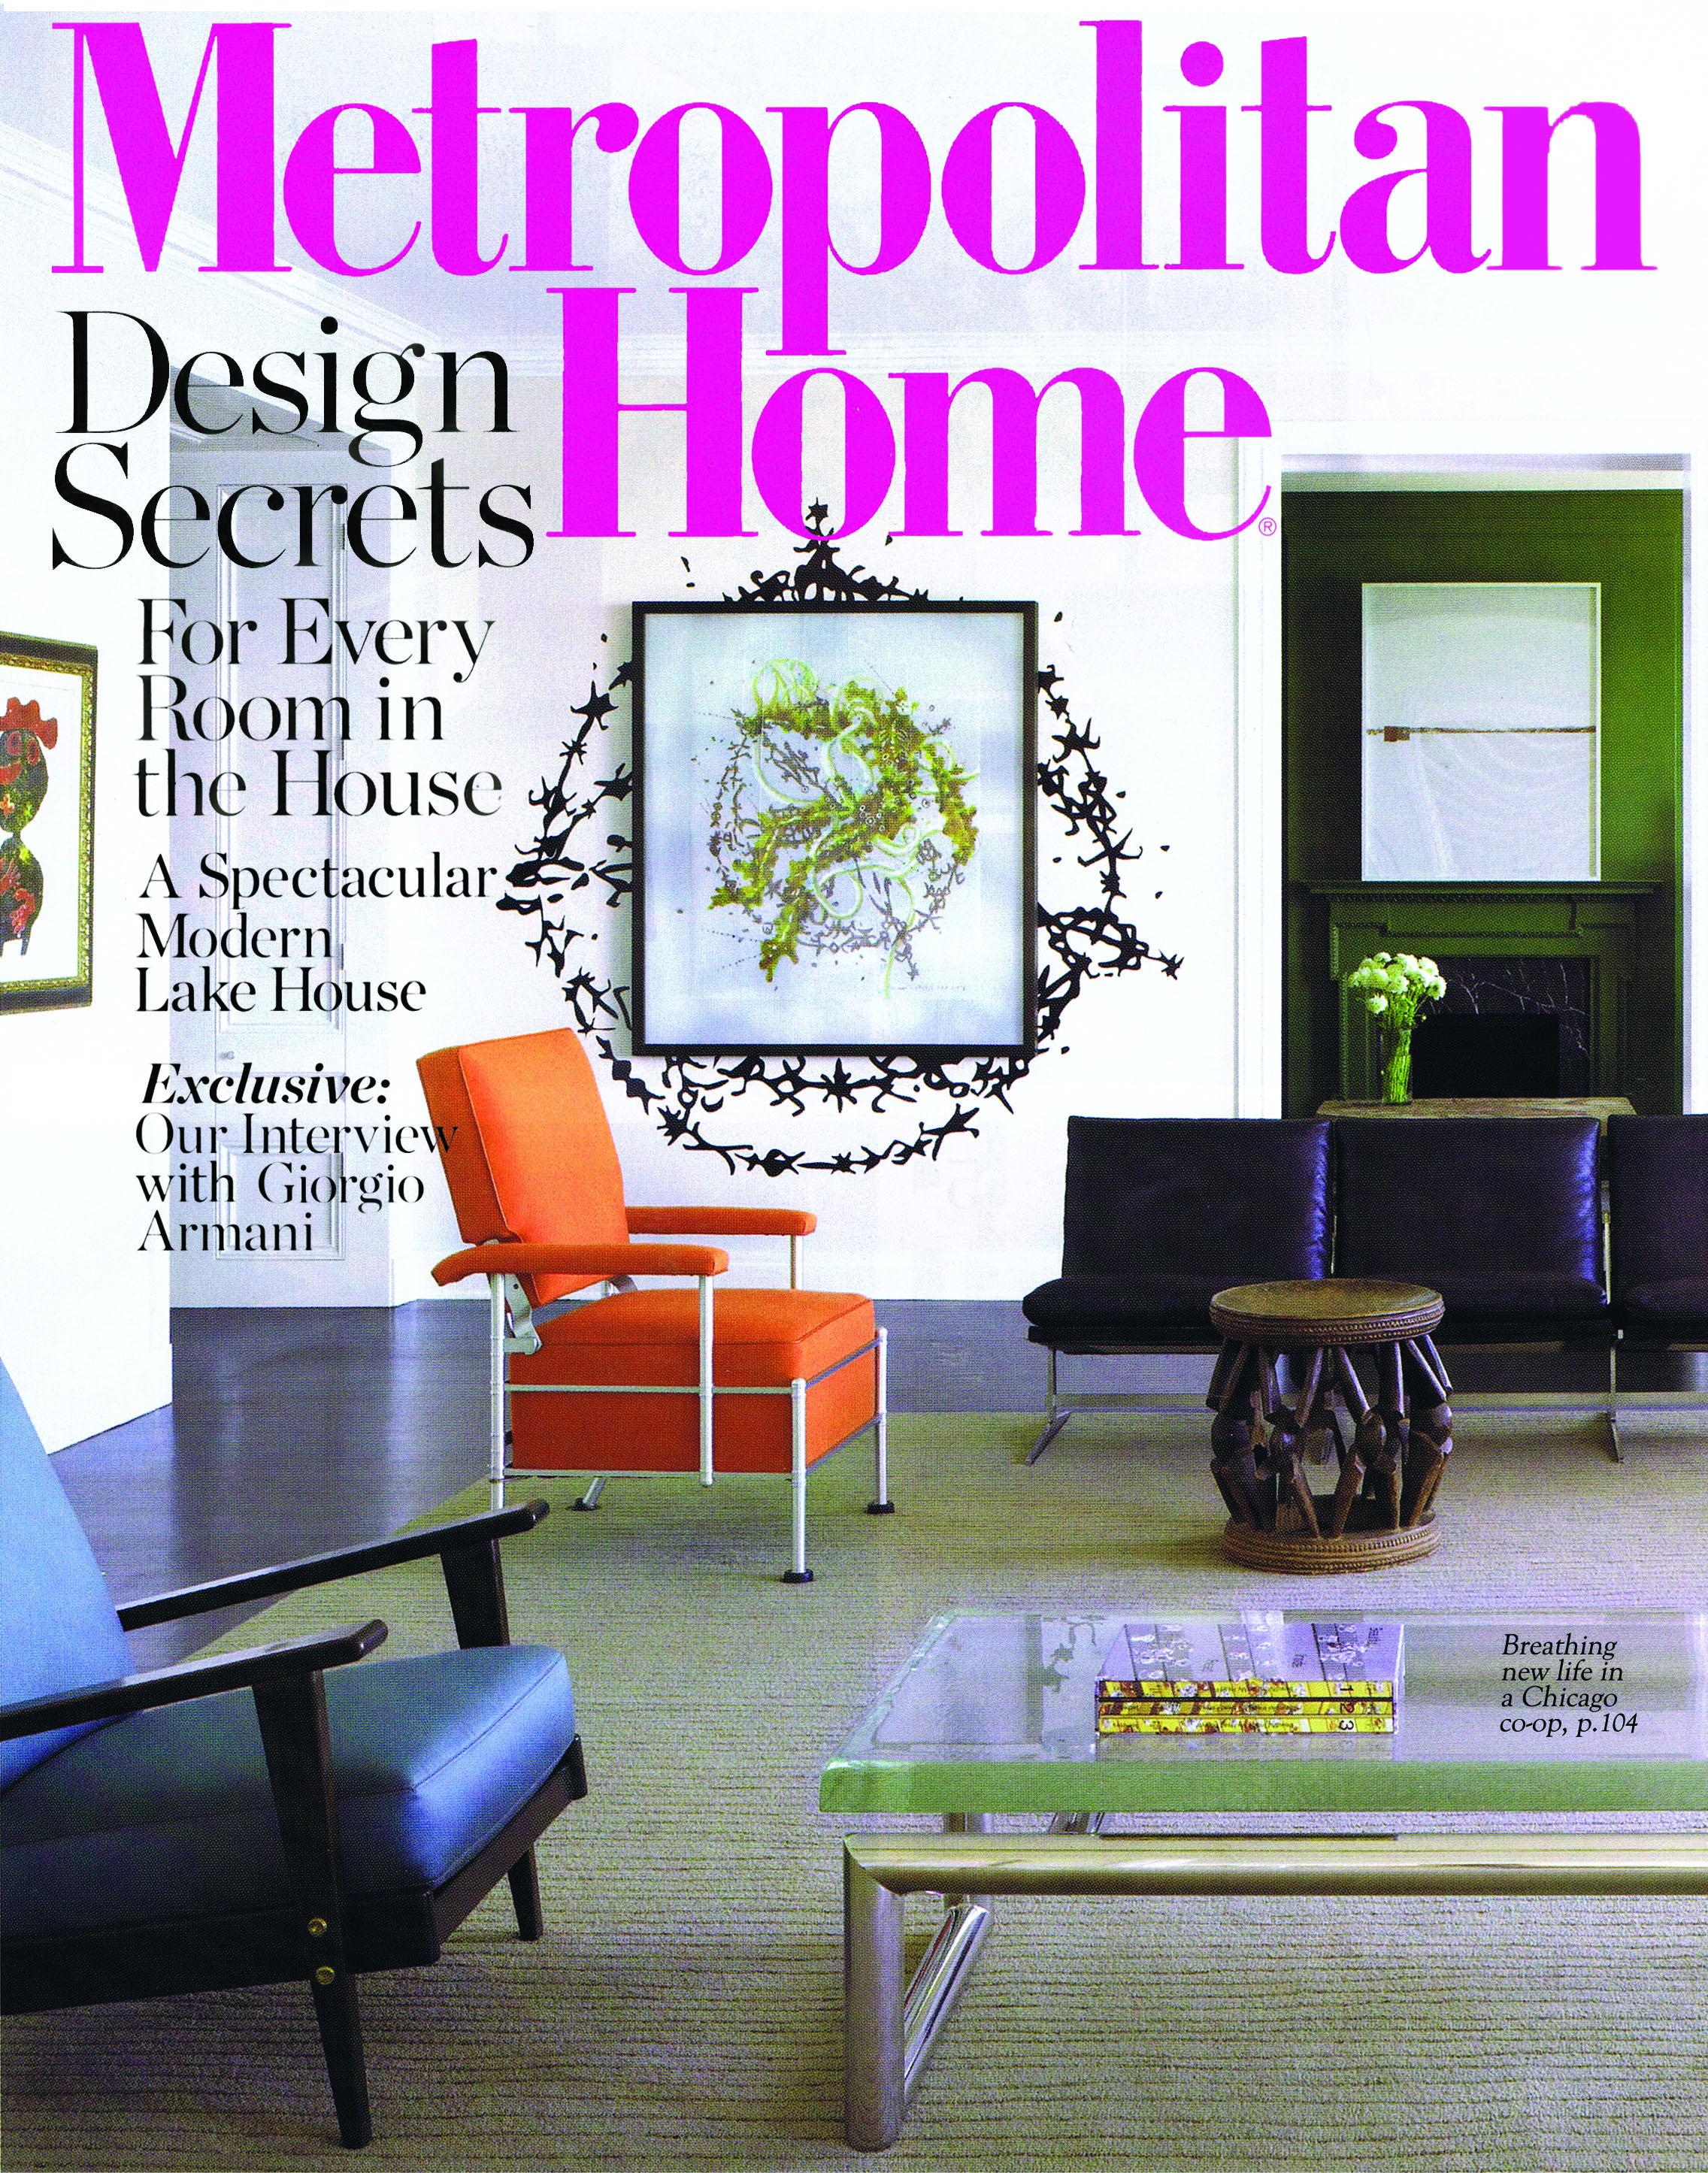 Metropolitan Home- May 2009